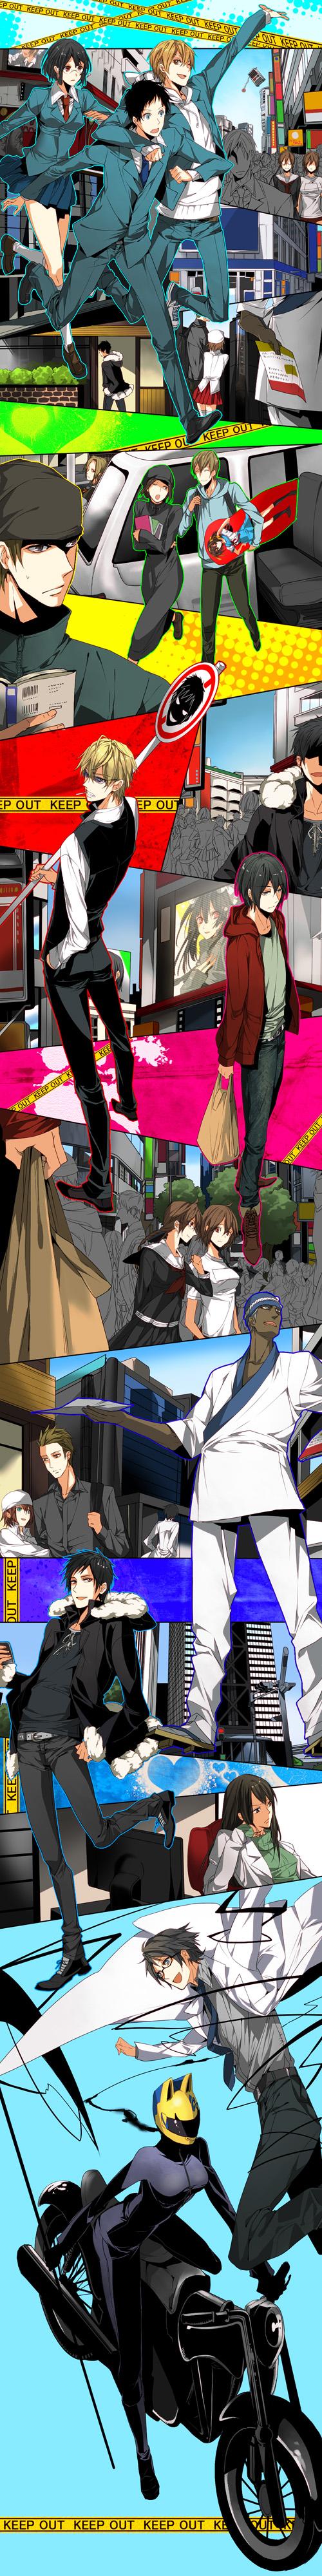 Tags: Anime, Roa Huduki, DURARARA!!, Suzumiya Haruhi no Yuuutsu, Harima Mika, Kida Masaomi, Ryuugamine Mikado, Orihara Mairu, Yagiri Seiji, Orihara Izaya, Orihara Kururi, Heiwajima Shizuo, Sturluson Celty